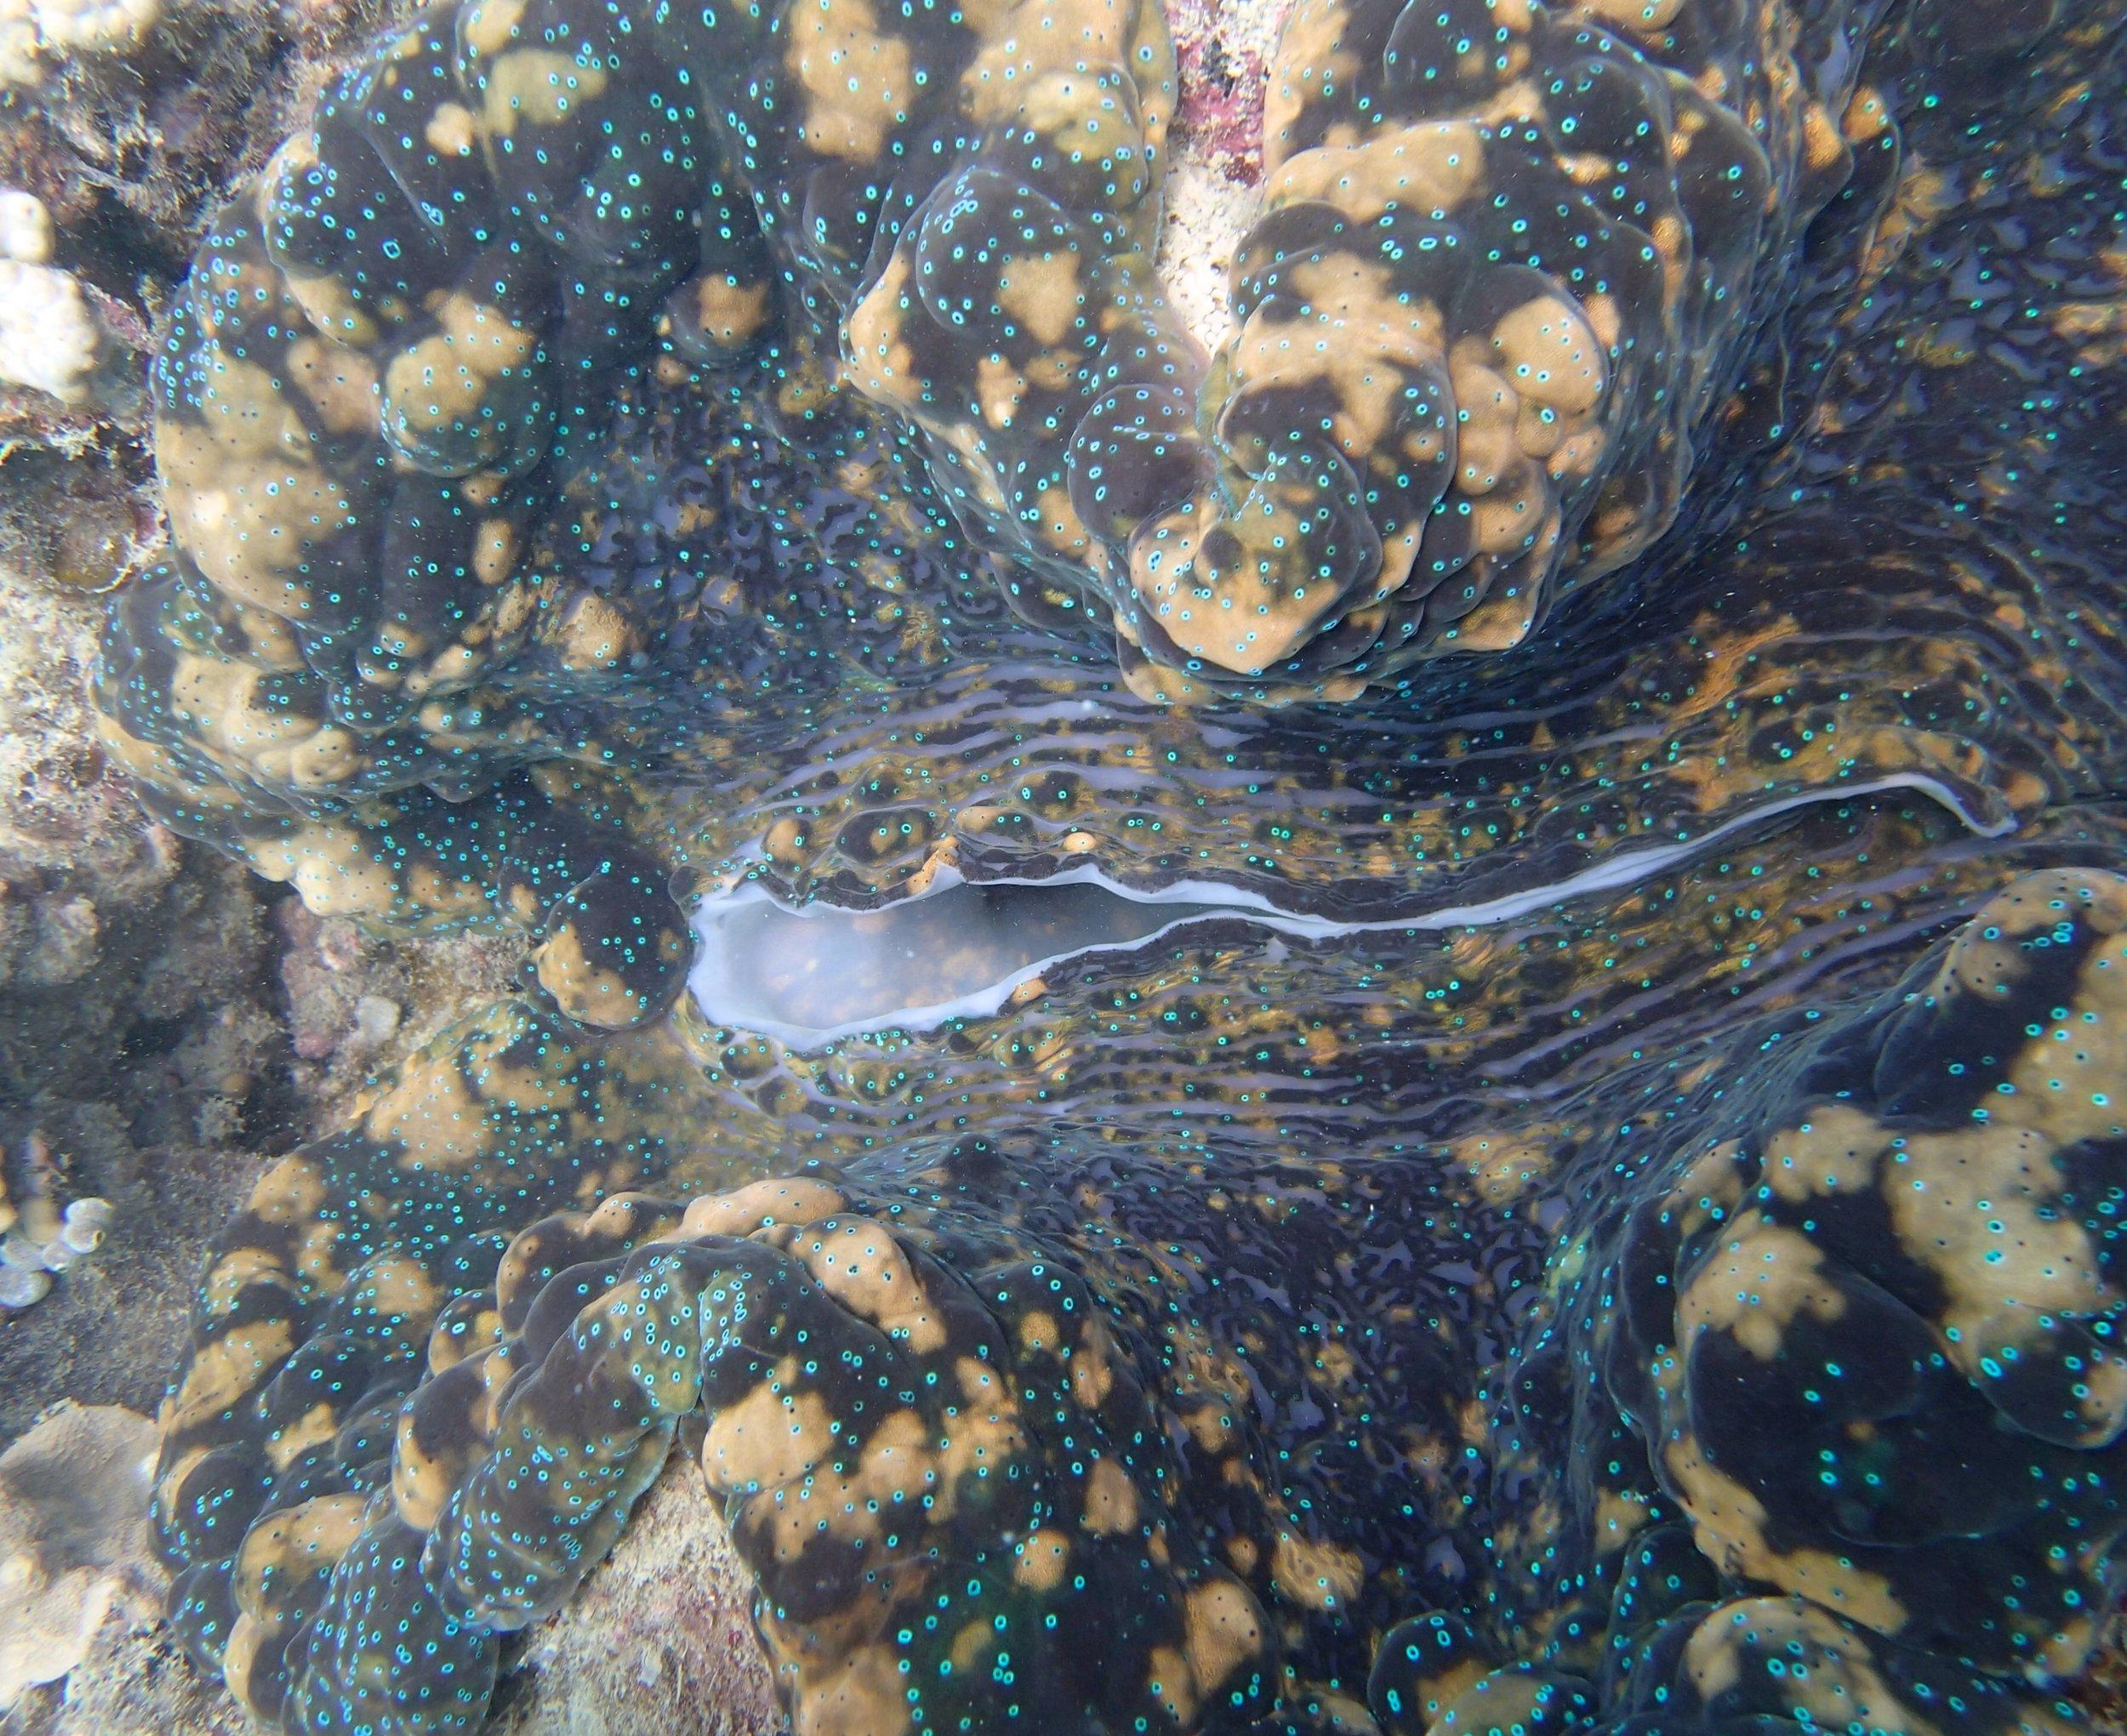 monster giant clam.jpg